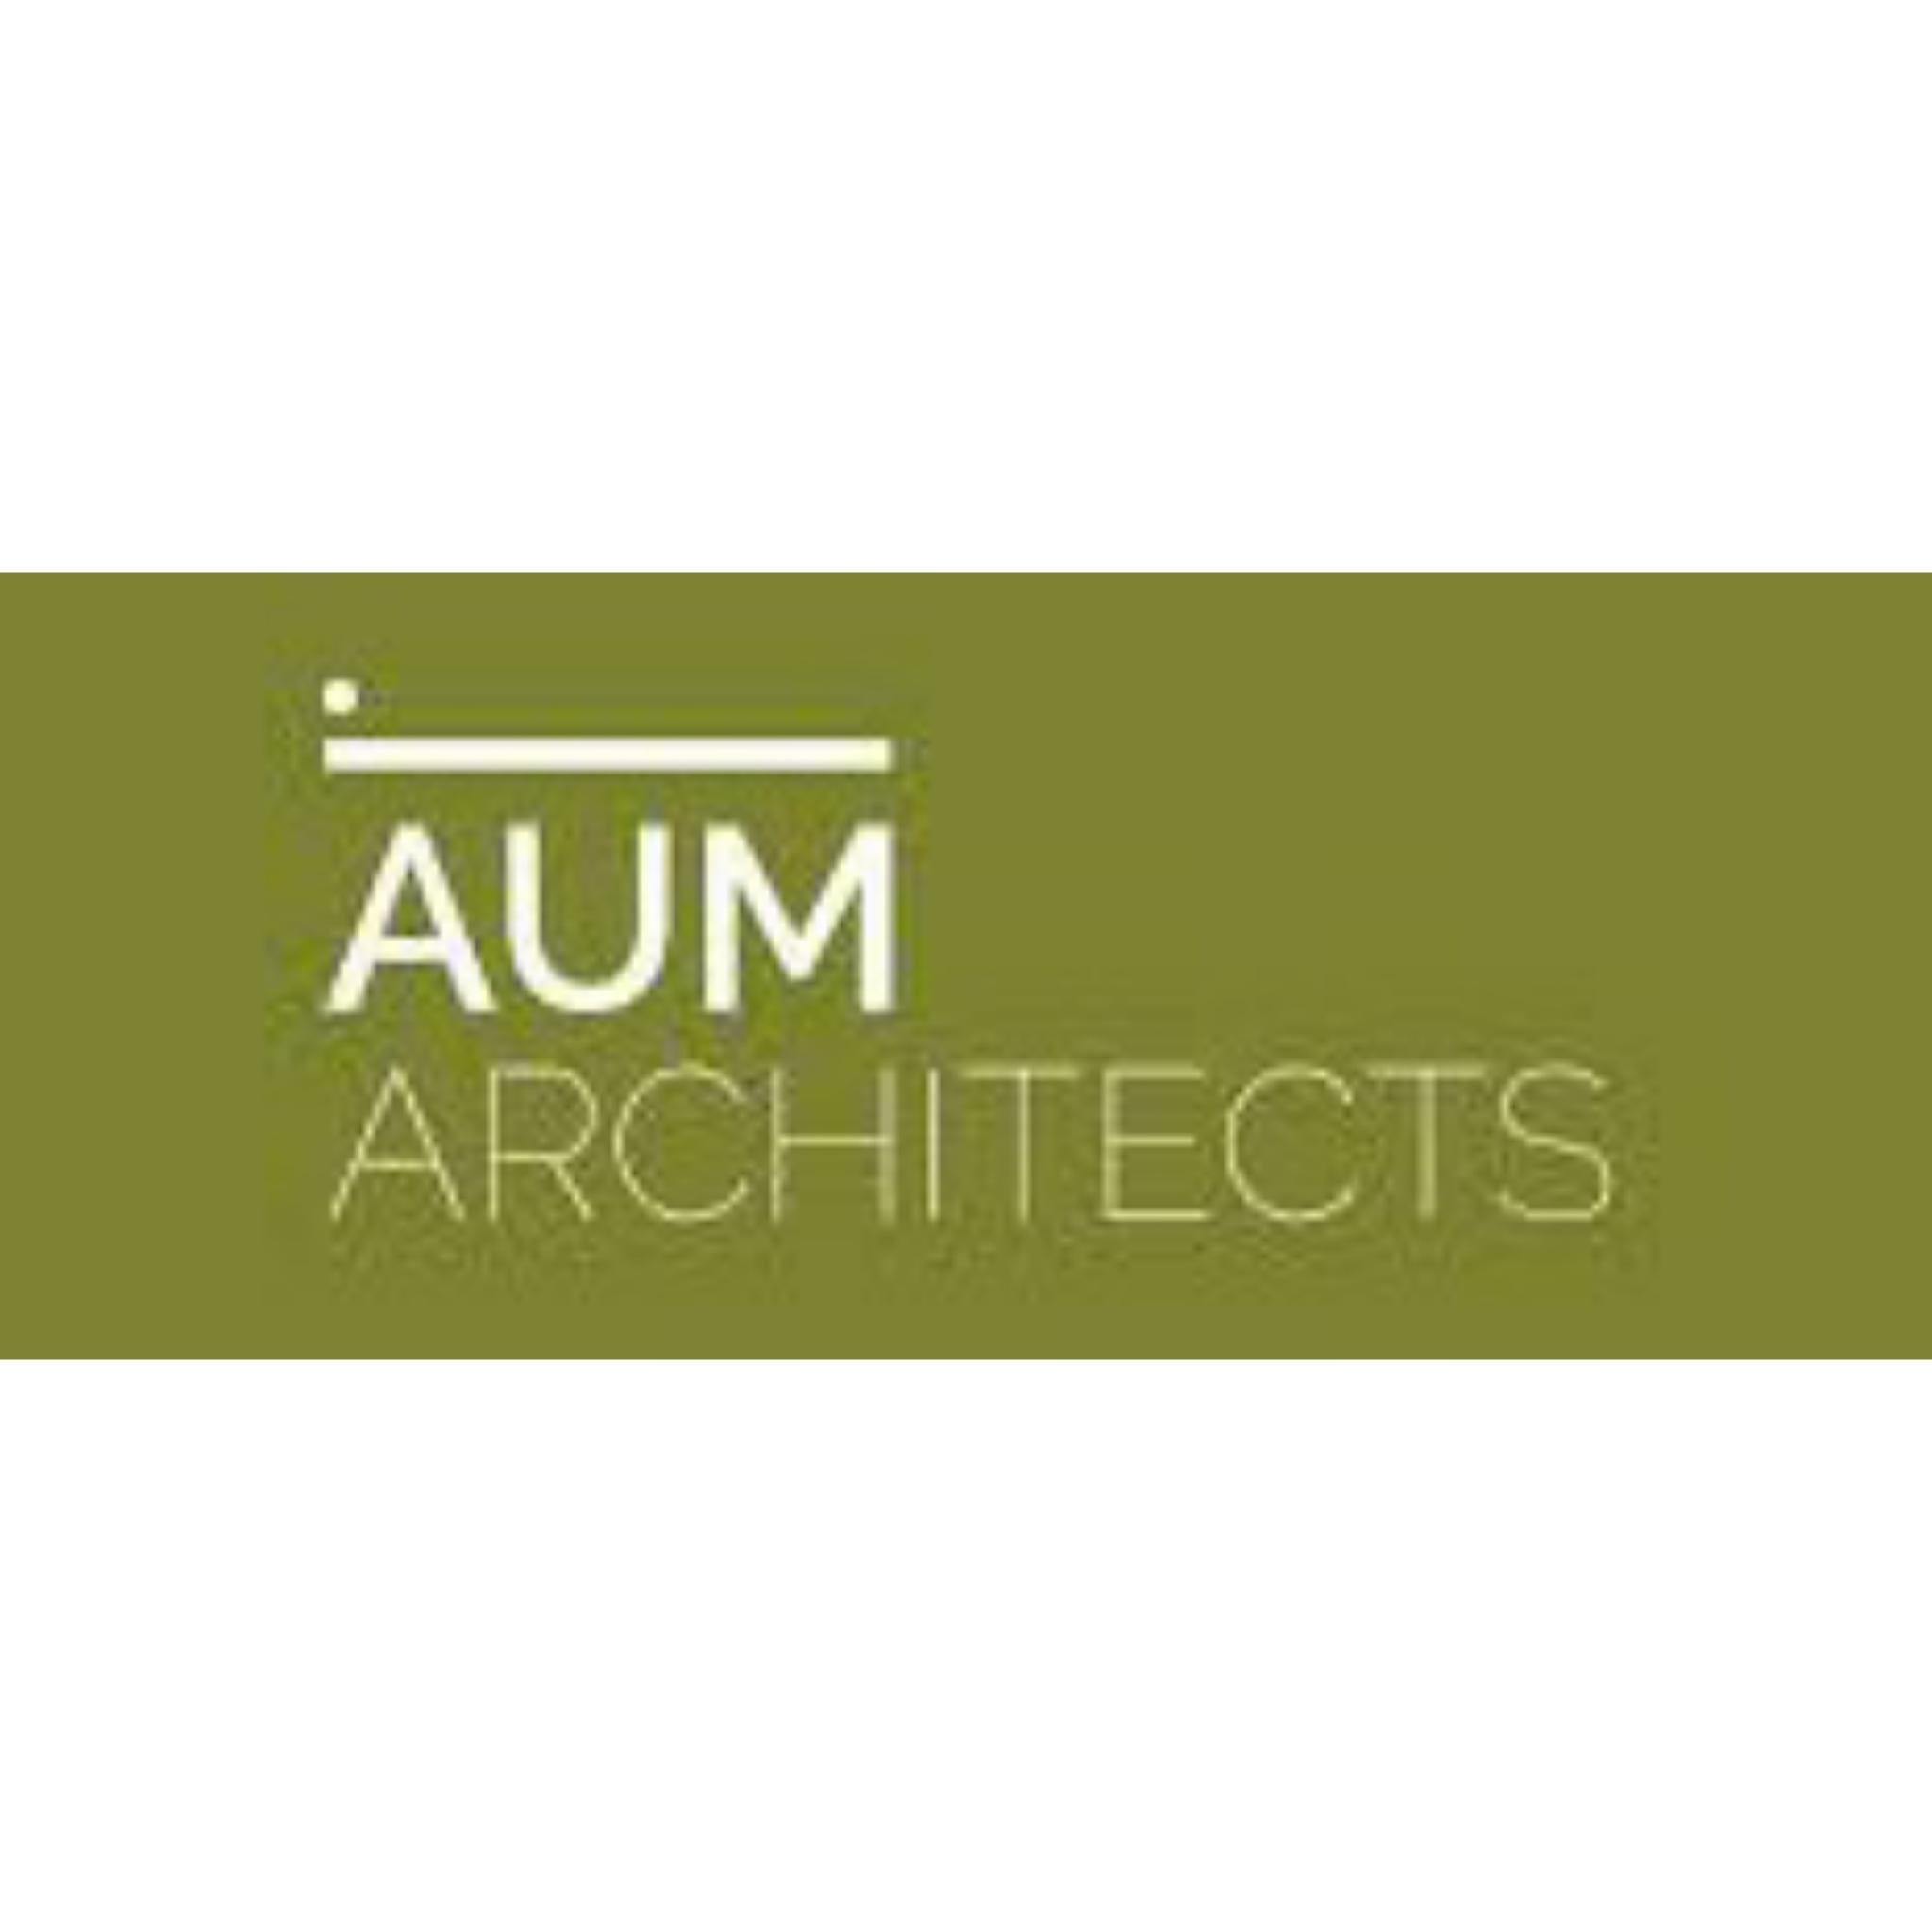 Aum Architects